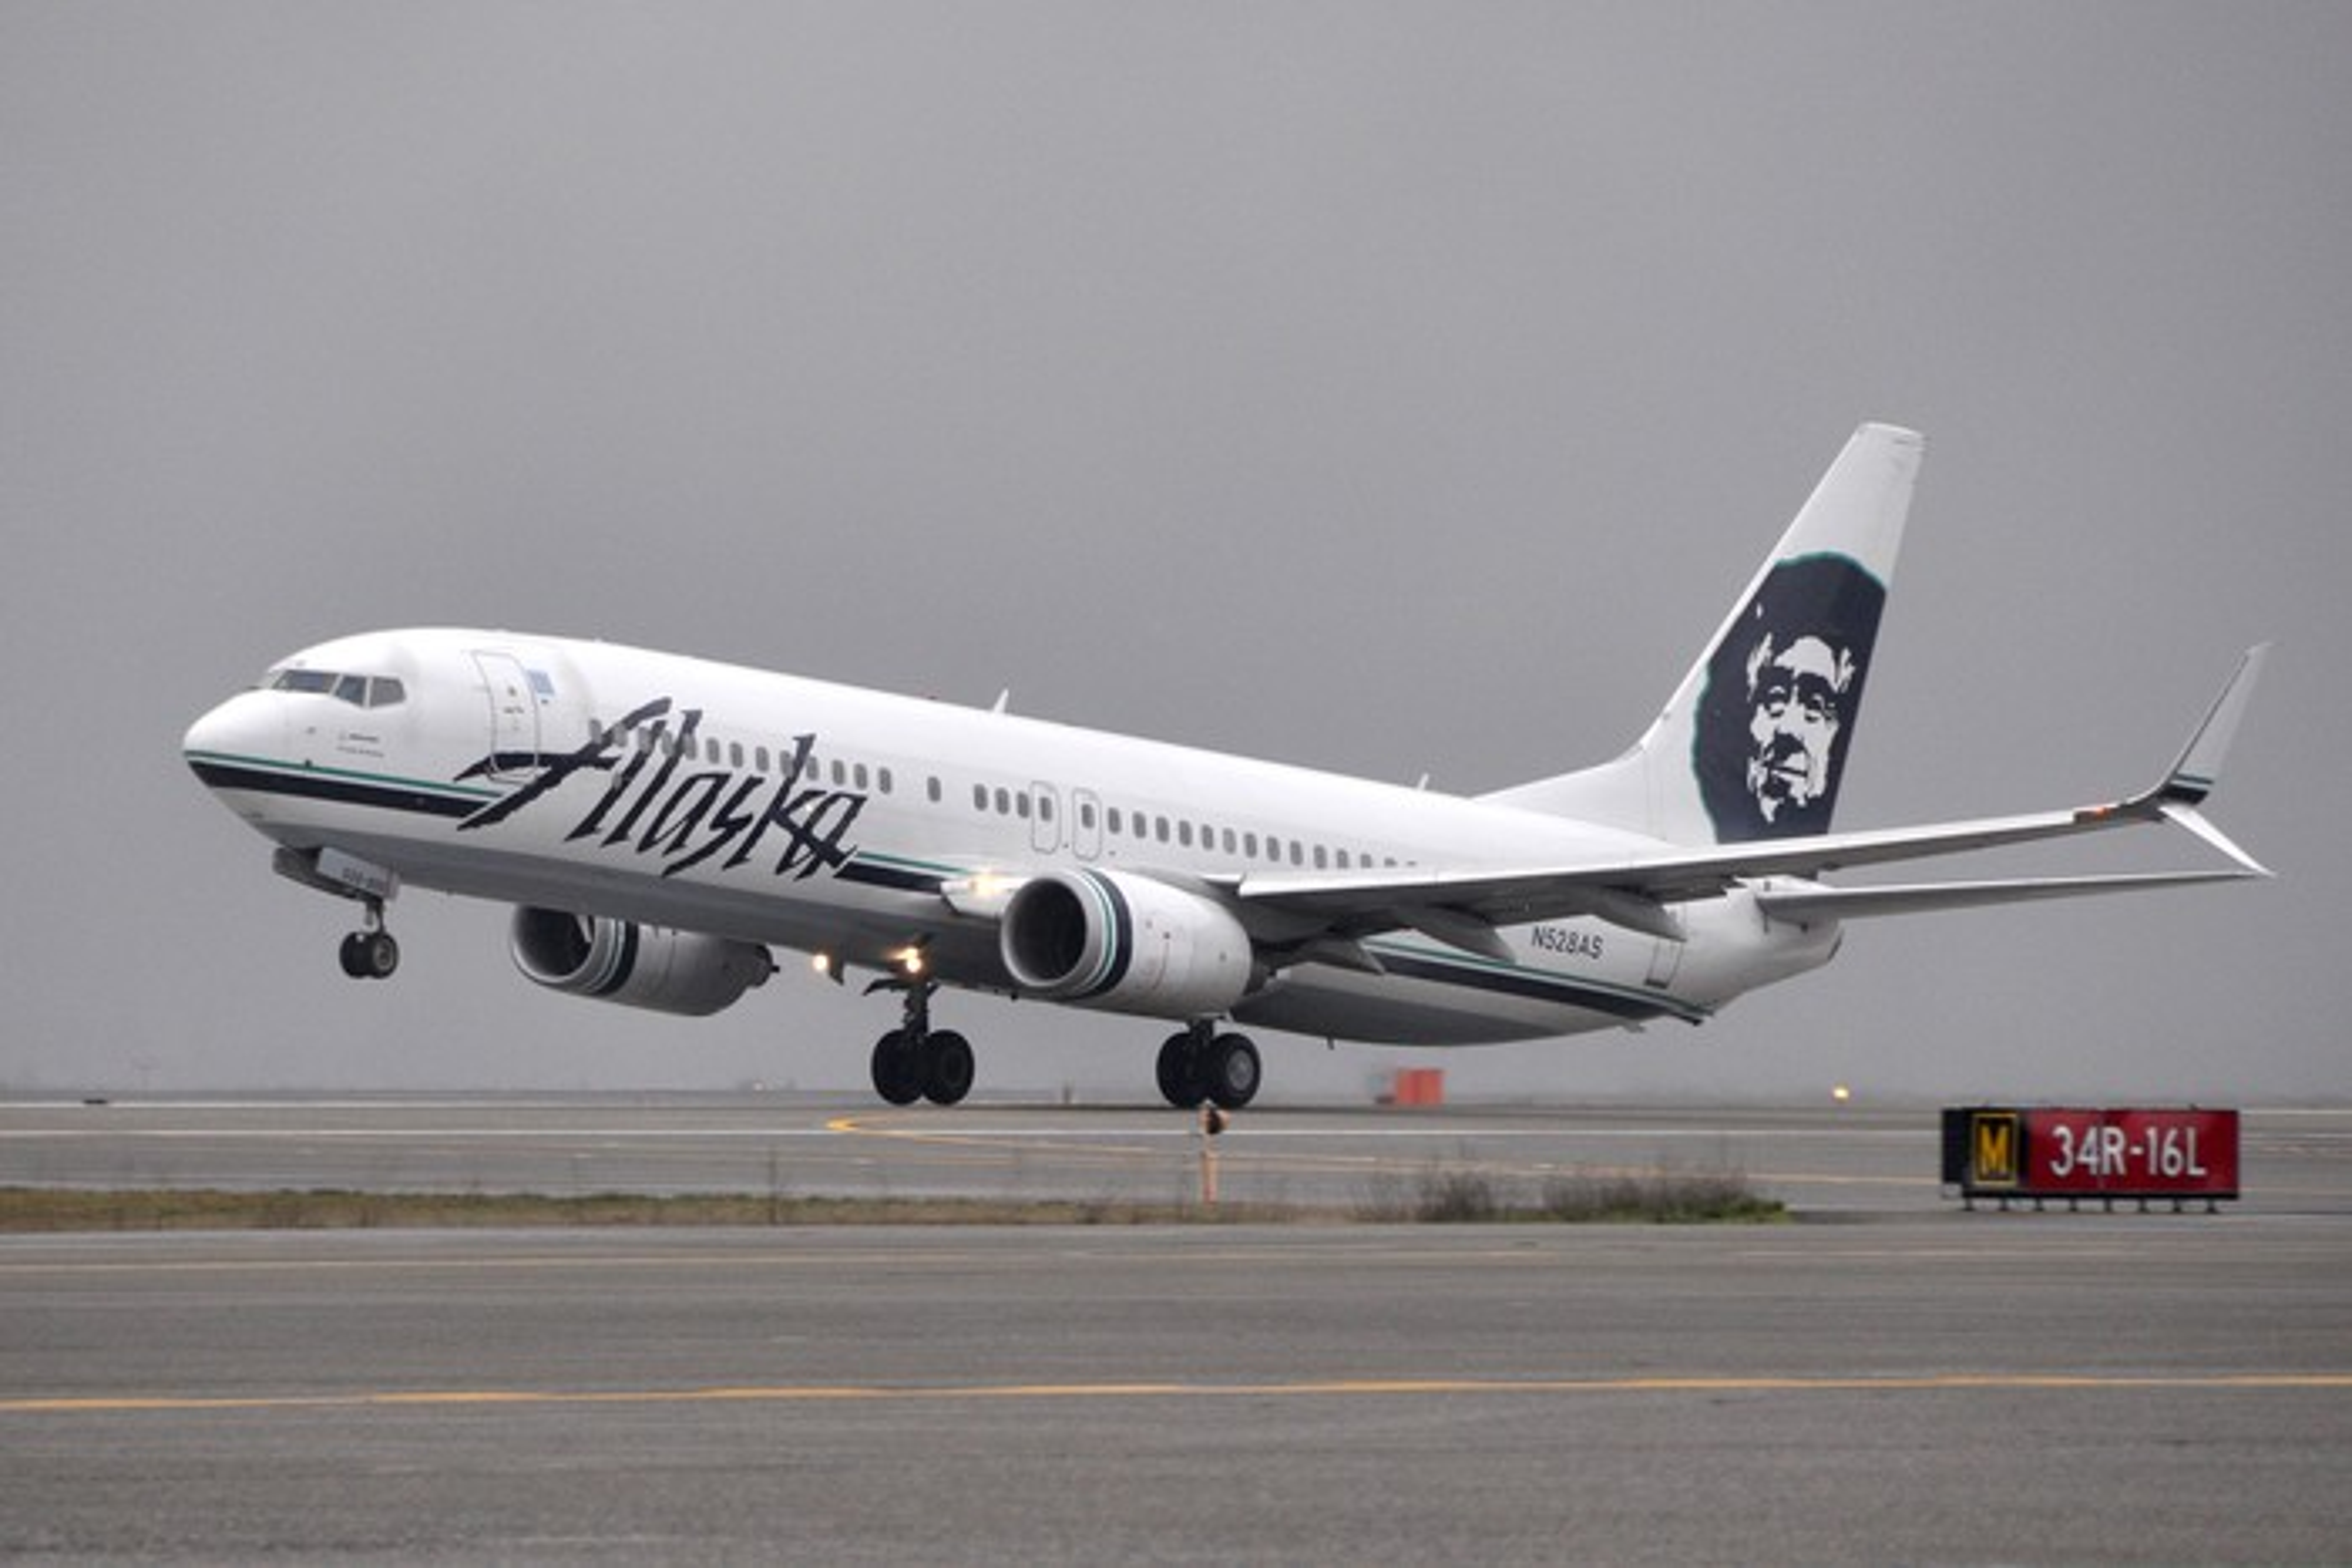 An Alaska Air plane taking off.